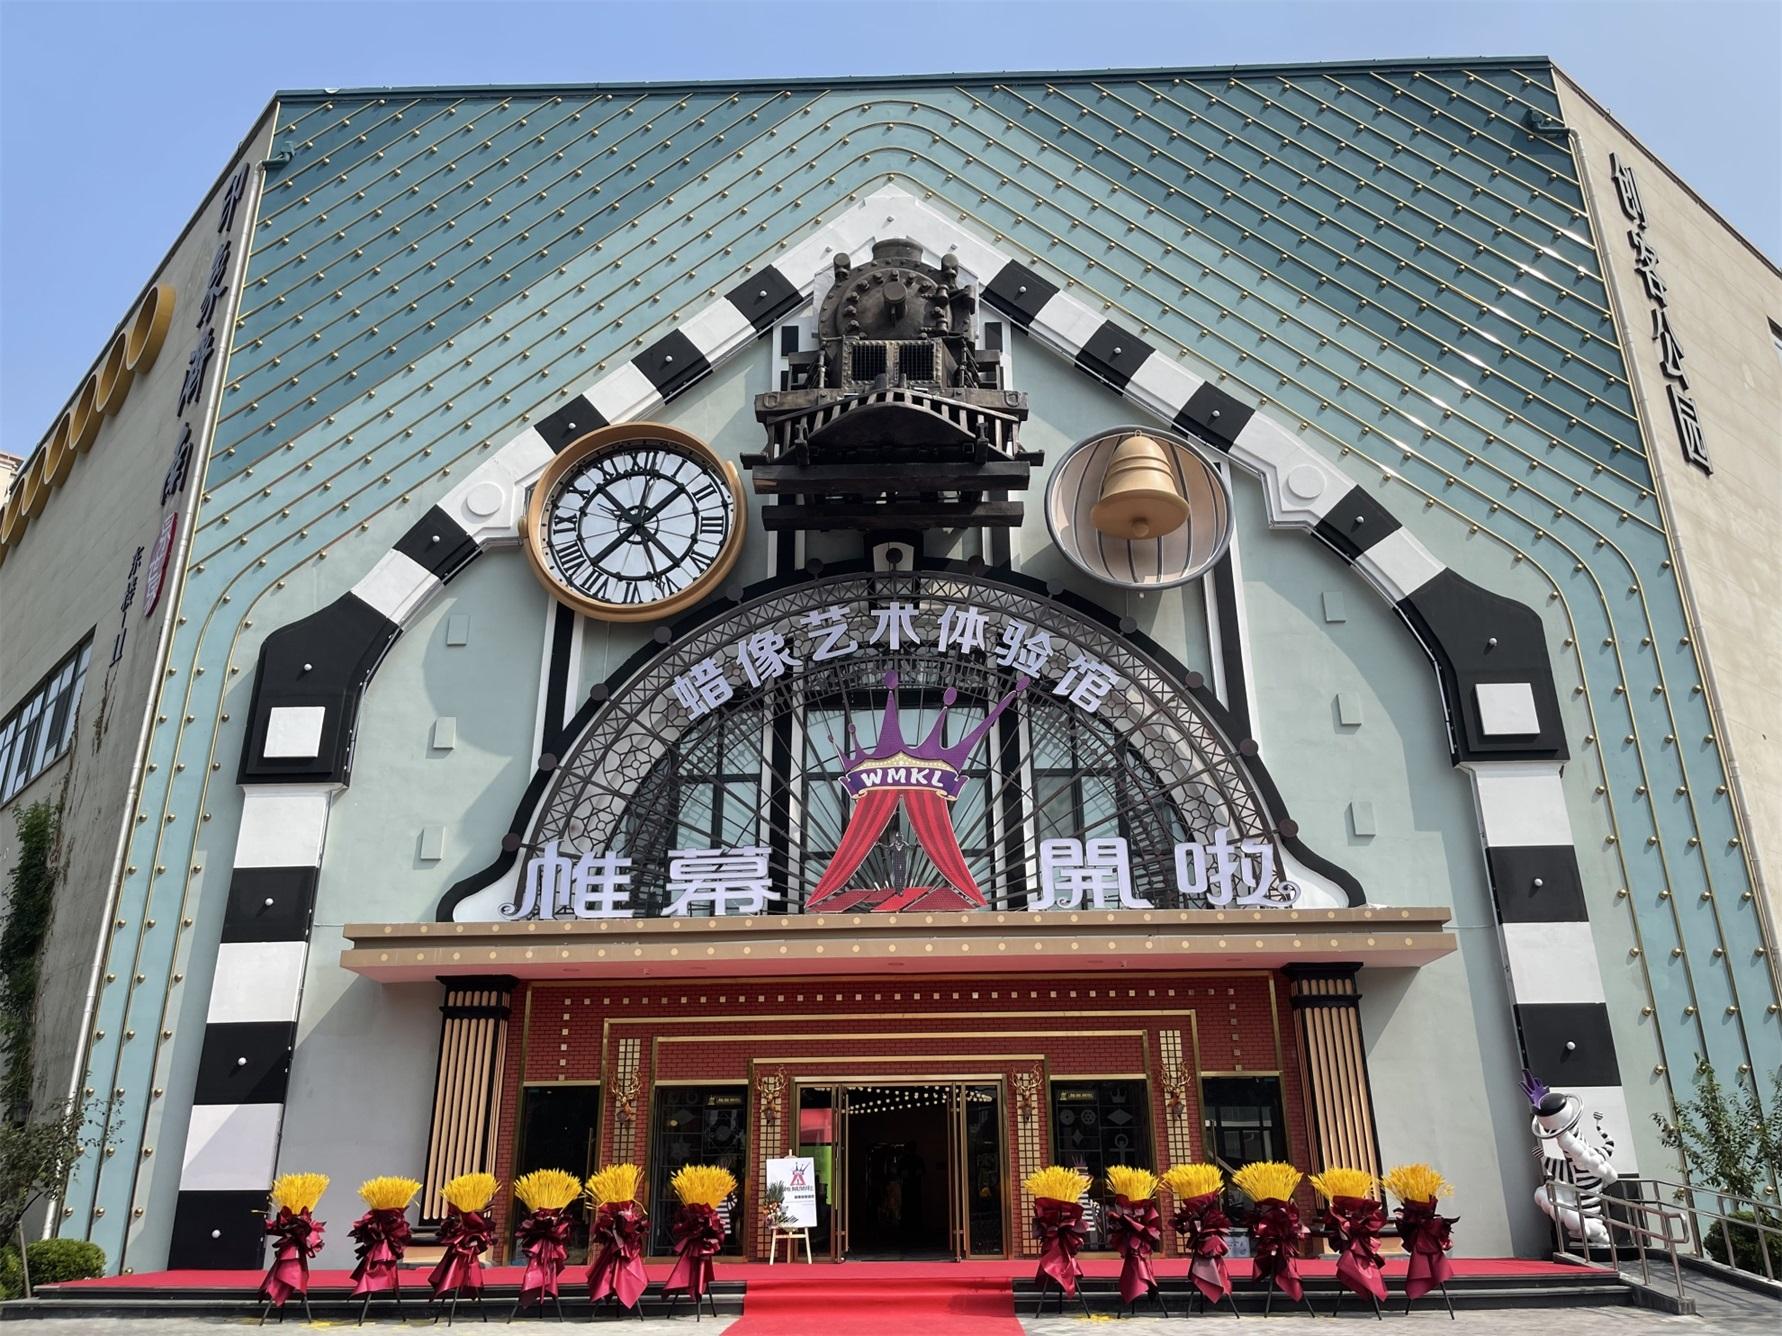 Weimukala (Jinan) Museo della cera è stato aperto per il processo, con chi vuoi scattare una foto?